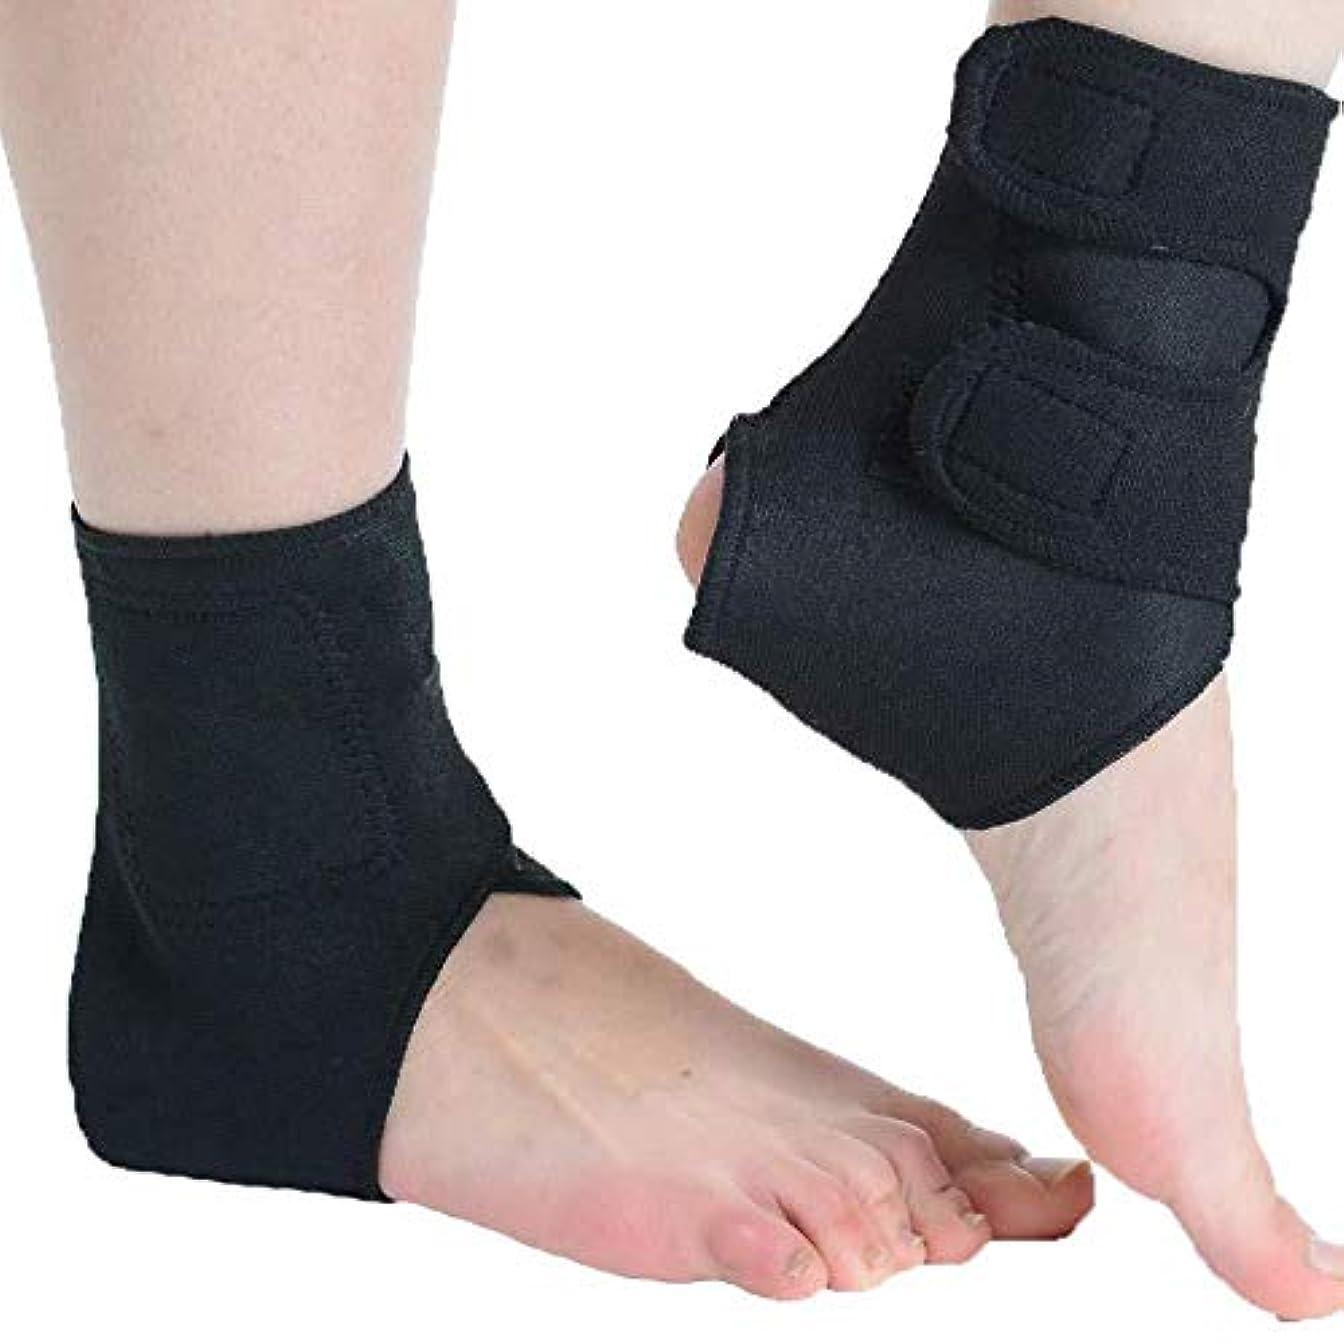 企業扱うゴルフつま先セパレーター、歩行、ランニング、休息、つま先パッド用の矯正用つま先セパレーター。足の痛みを和らげます